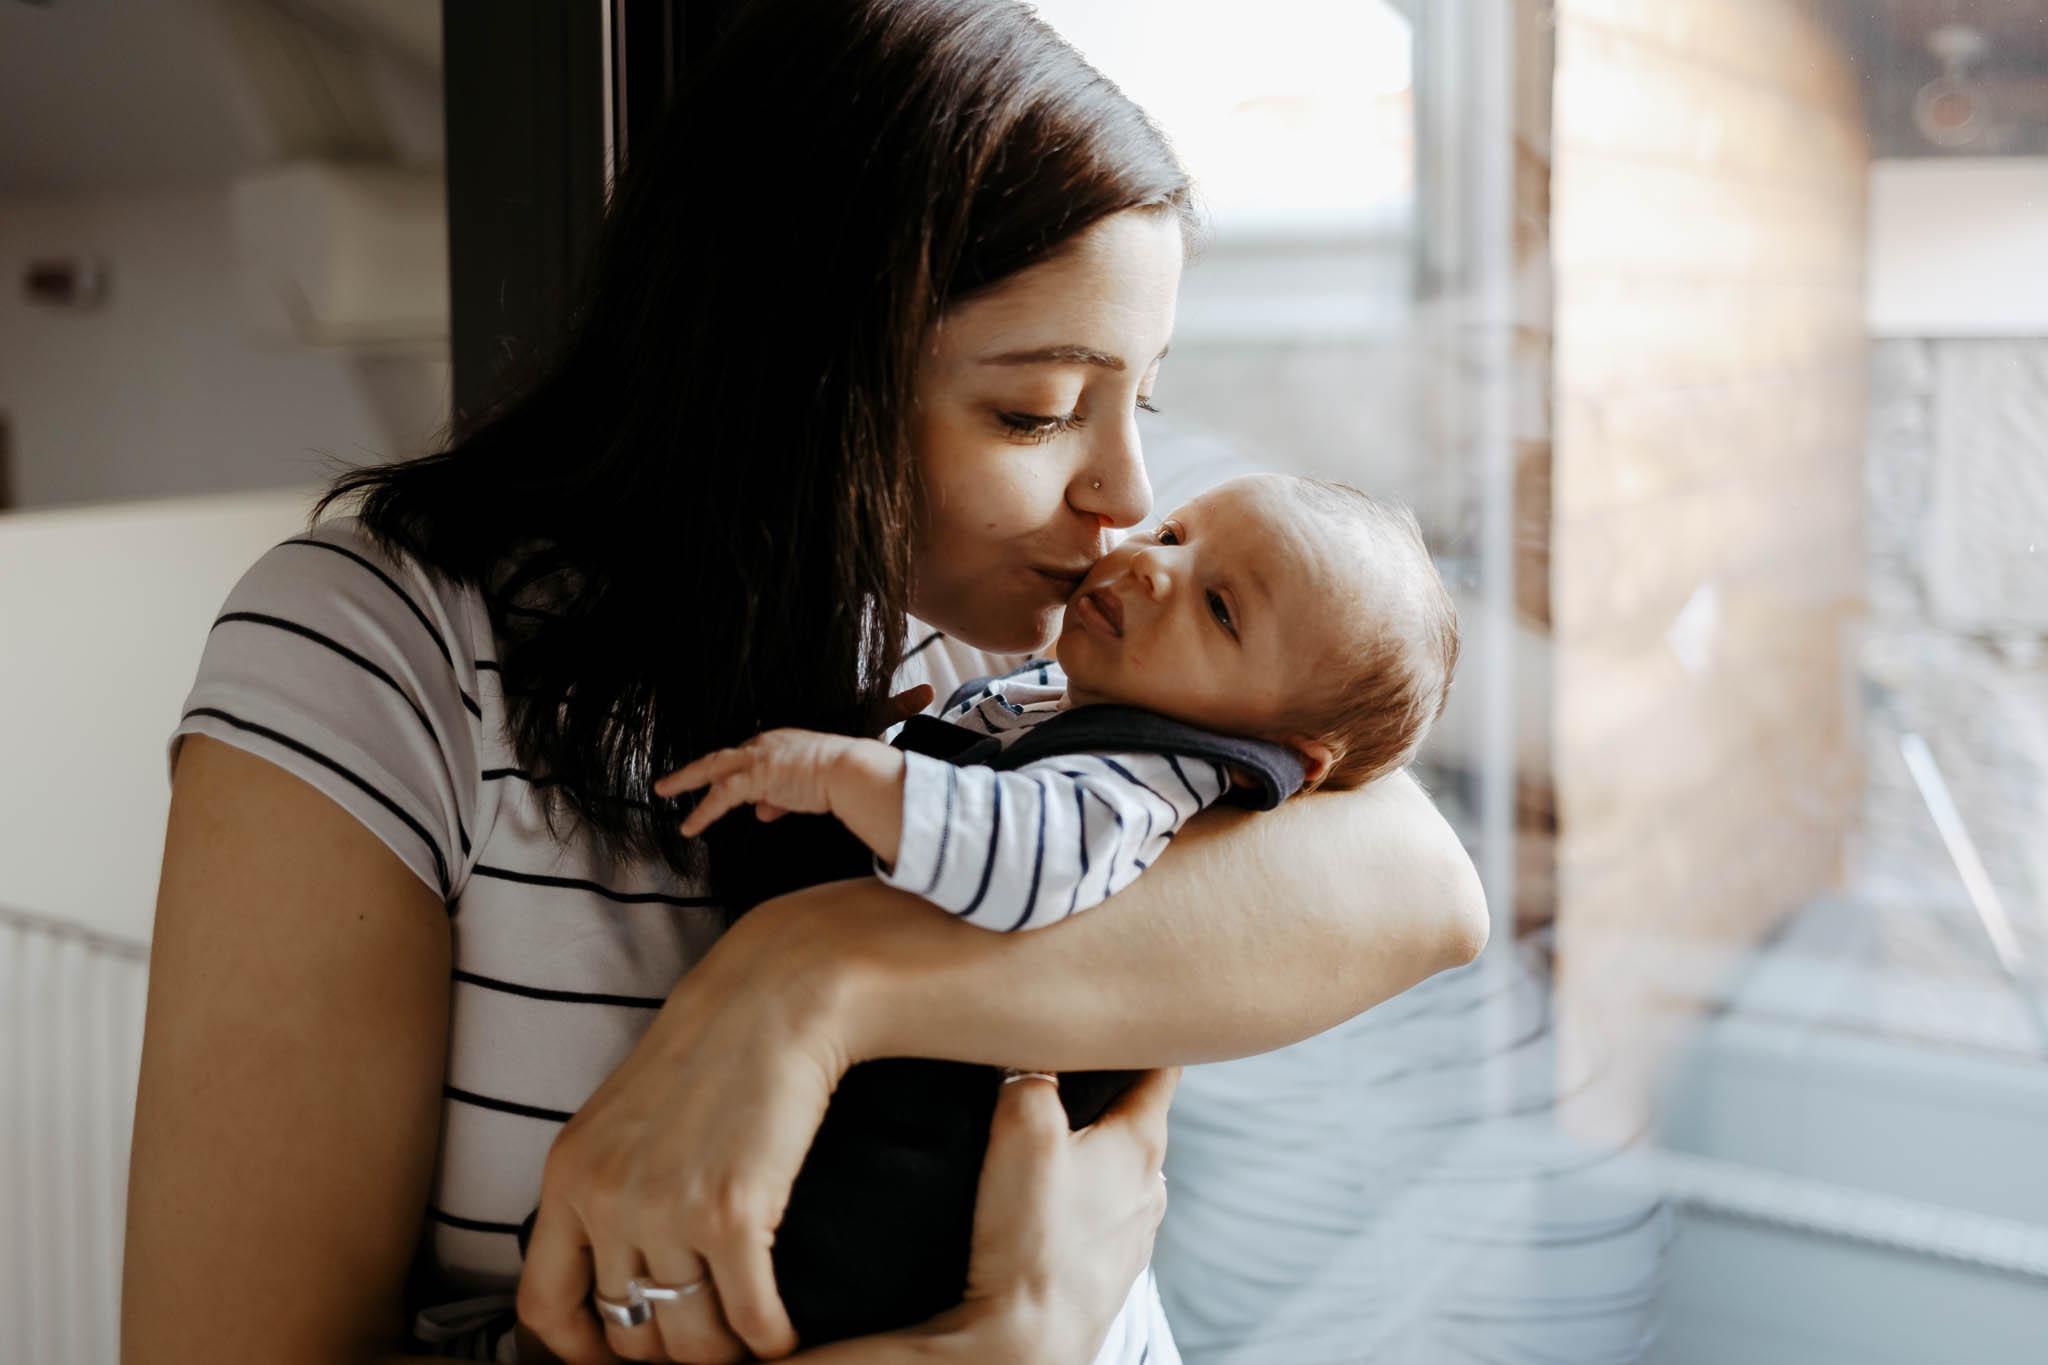 famille-bebe-loire-ingold-6.jpg